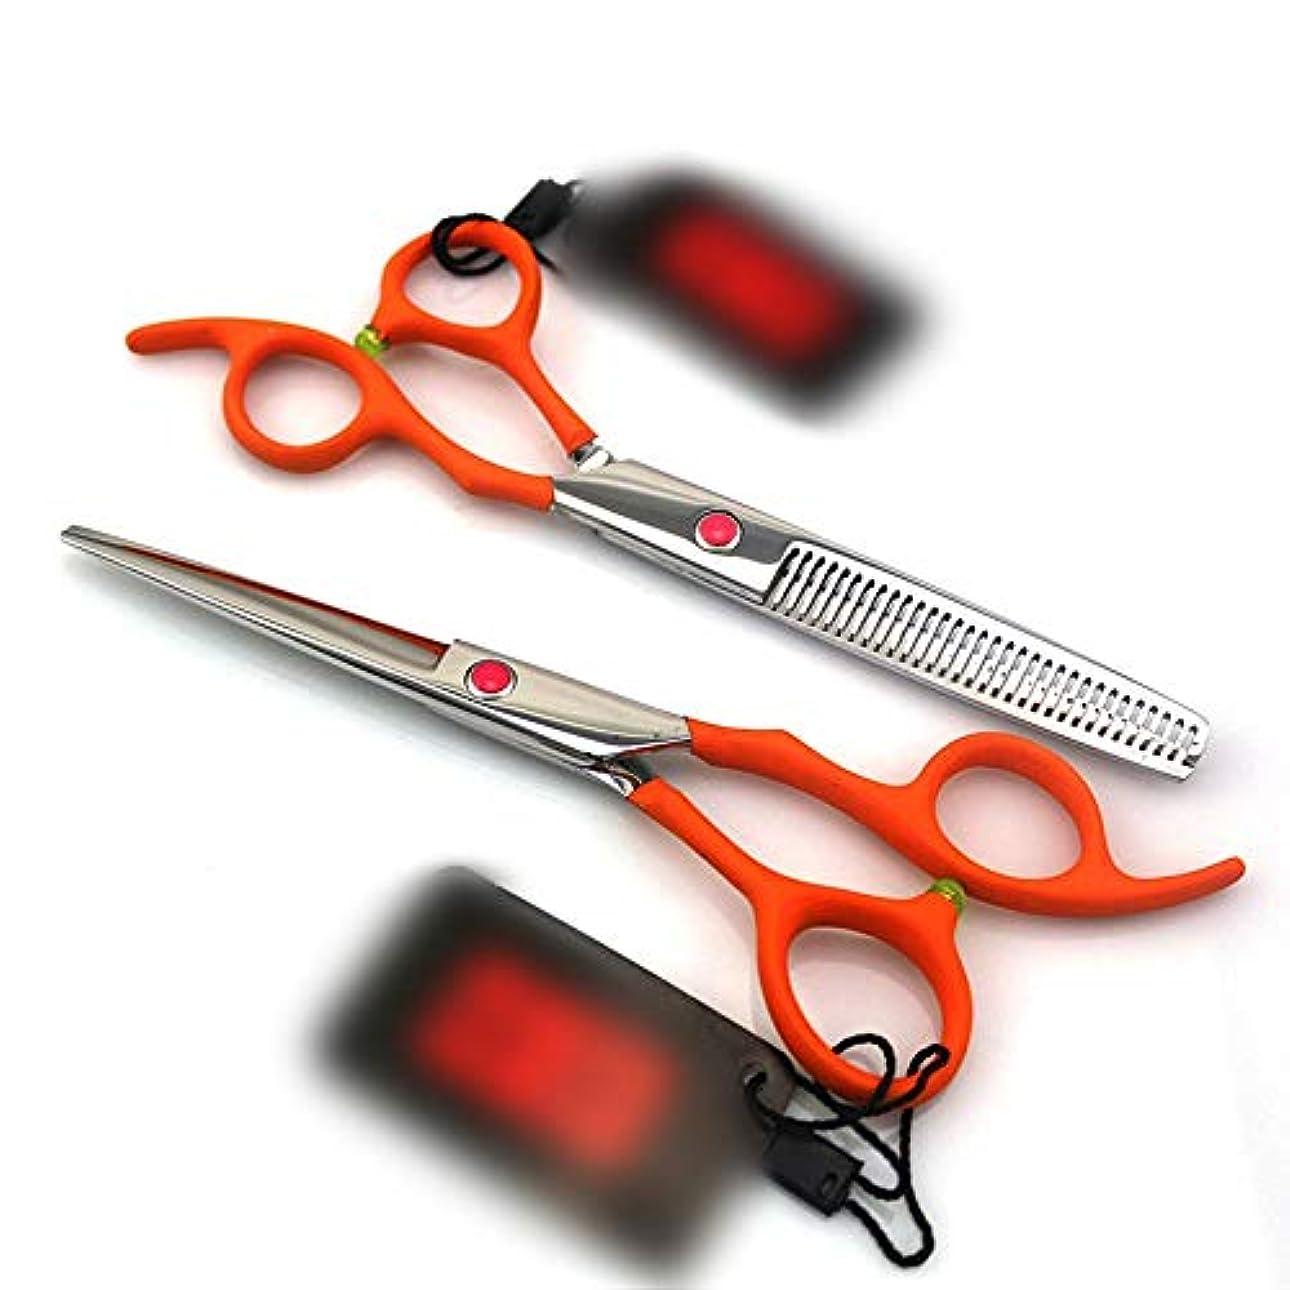 偏心ルールタールGoodsok-jp 6.0インチのオレンジ専門の理髪はさみ、平らな歯のはさみの理髪用具 (色 : オレンジ)